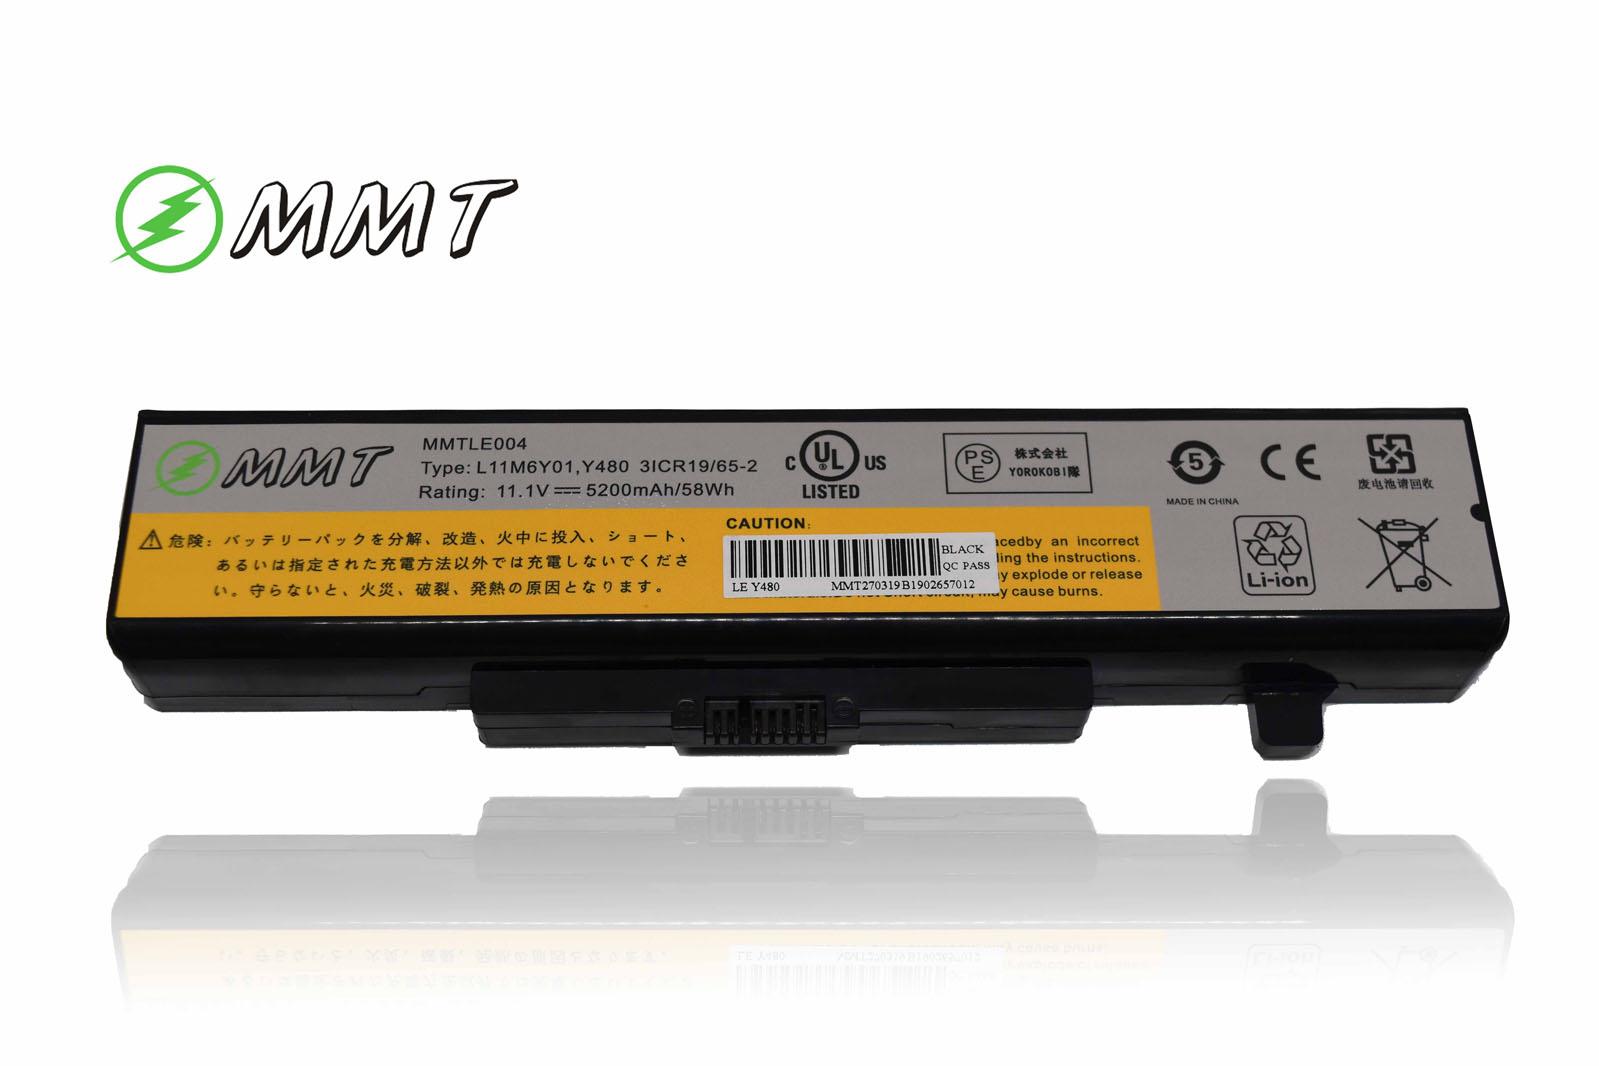 全国送料無料 激安特価品 最安値徹底挑戦 PSE認証済み 保険加入済み IBM レノボ LENOVO IdeaPad Y480 G485 G580 G380 G385 Z380 Z385 Z480 Z485 ASM L11M6Y01 L11N6Y01 L11L6R01 L11L6F01 休日 互換バッテリー G510 45N1048 L11S6Y01 L11L6Y01 45N1049 FRU L11P6R01 L11S6F01 L11N6R01 G500